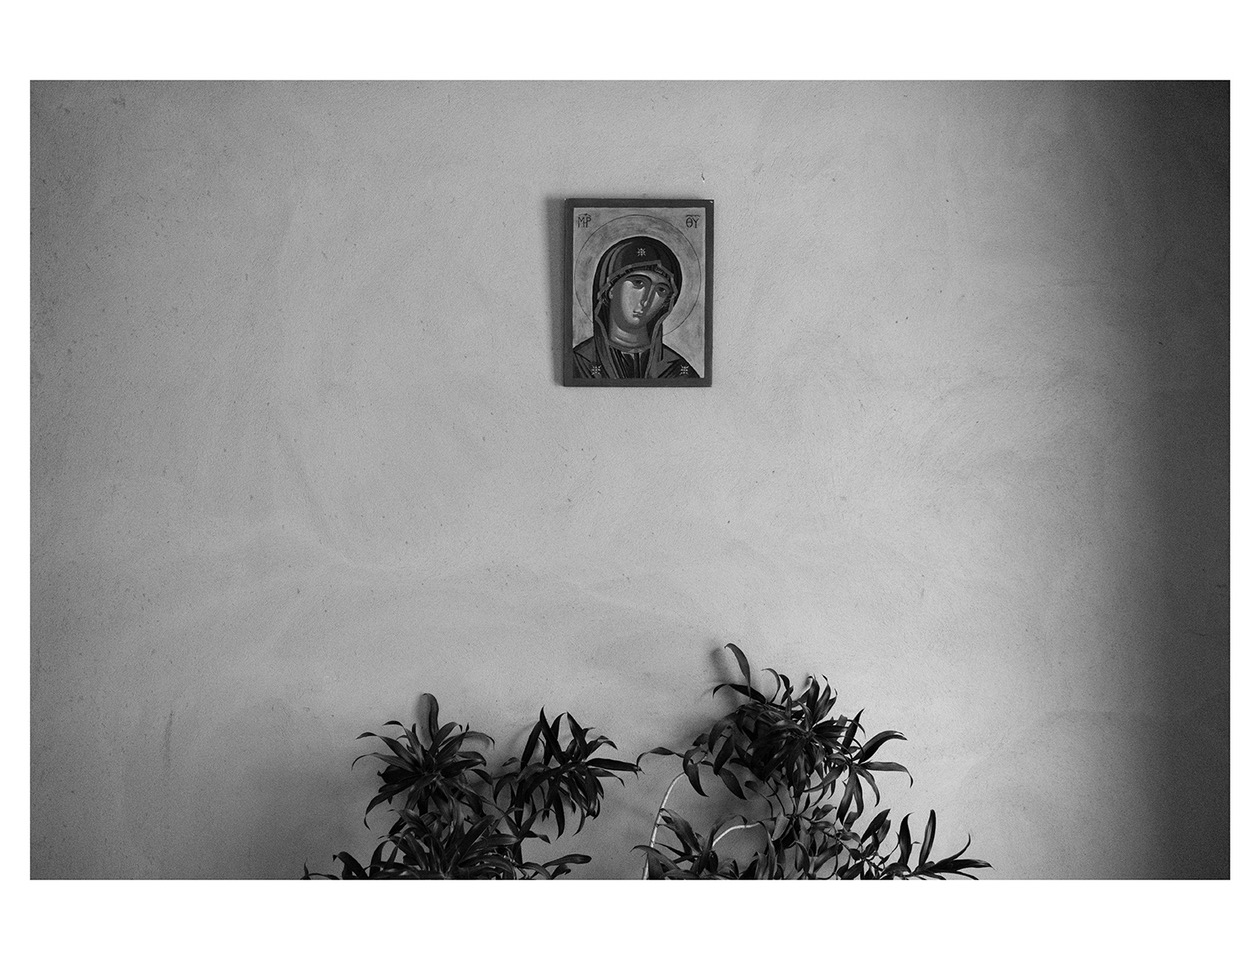 Семь способов осмысления христианского мистицизма